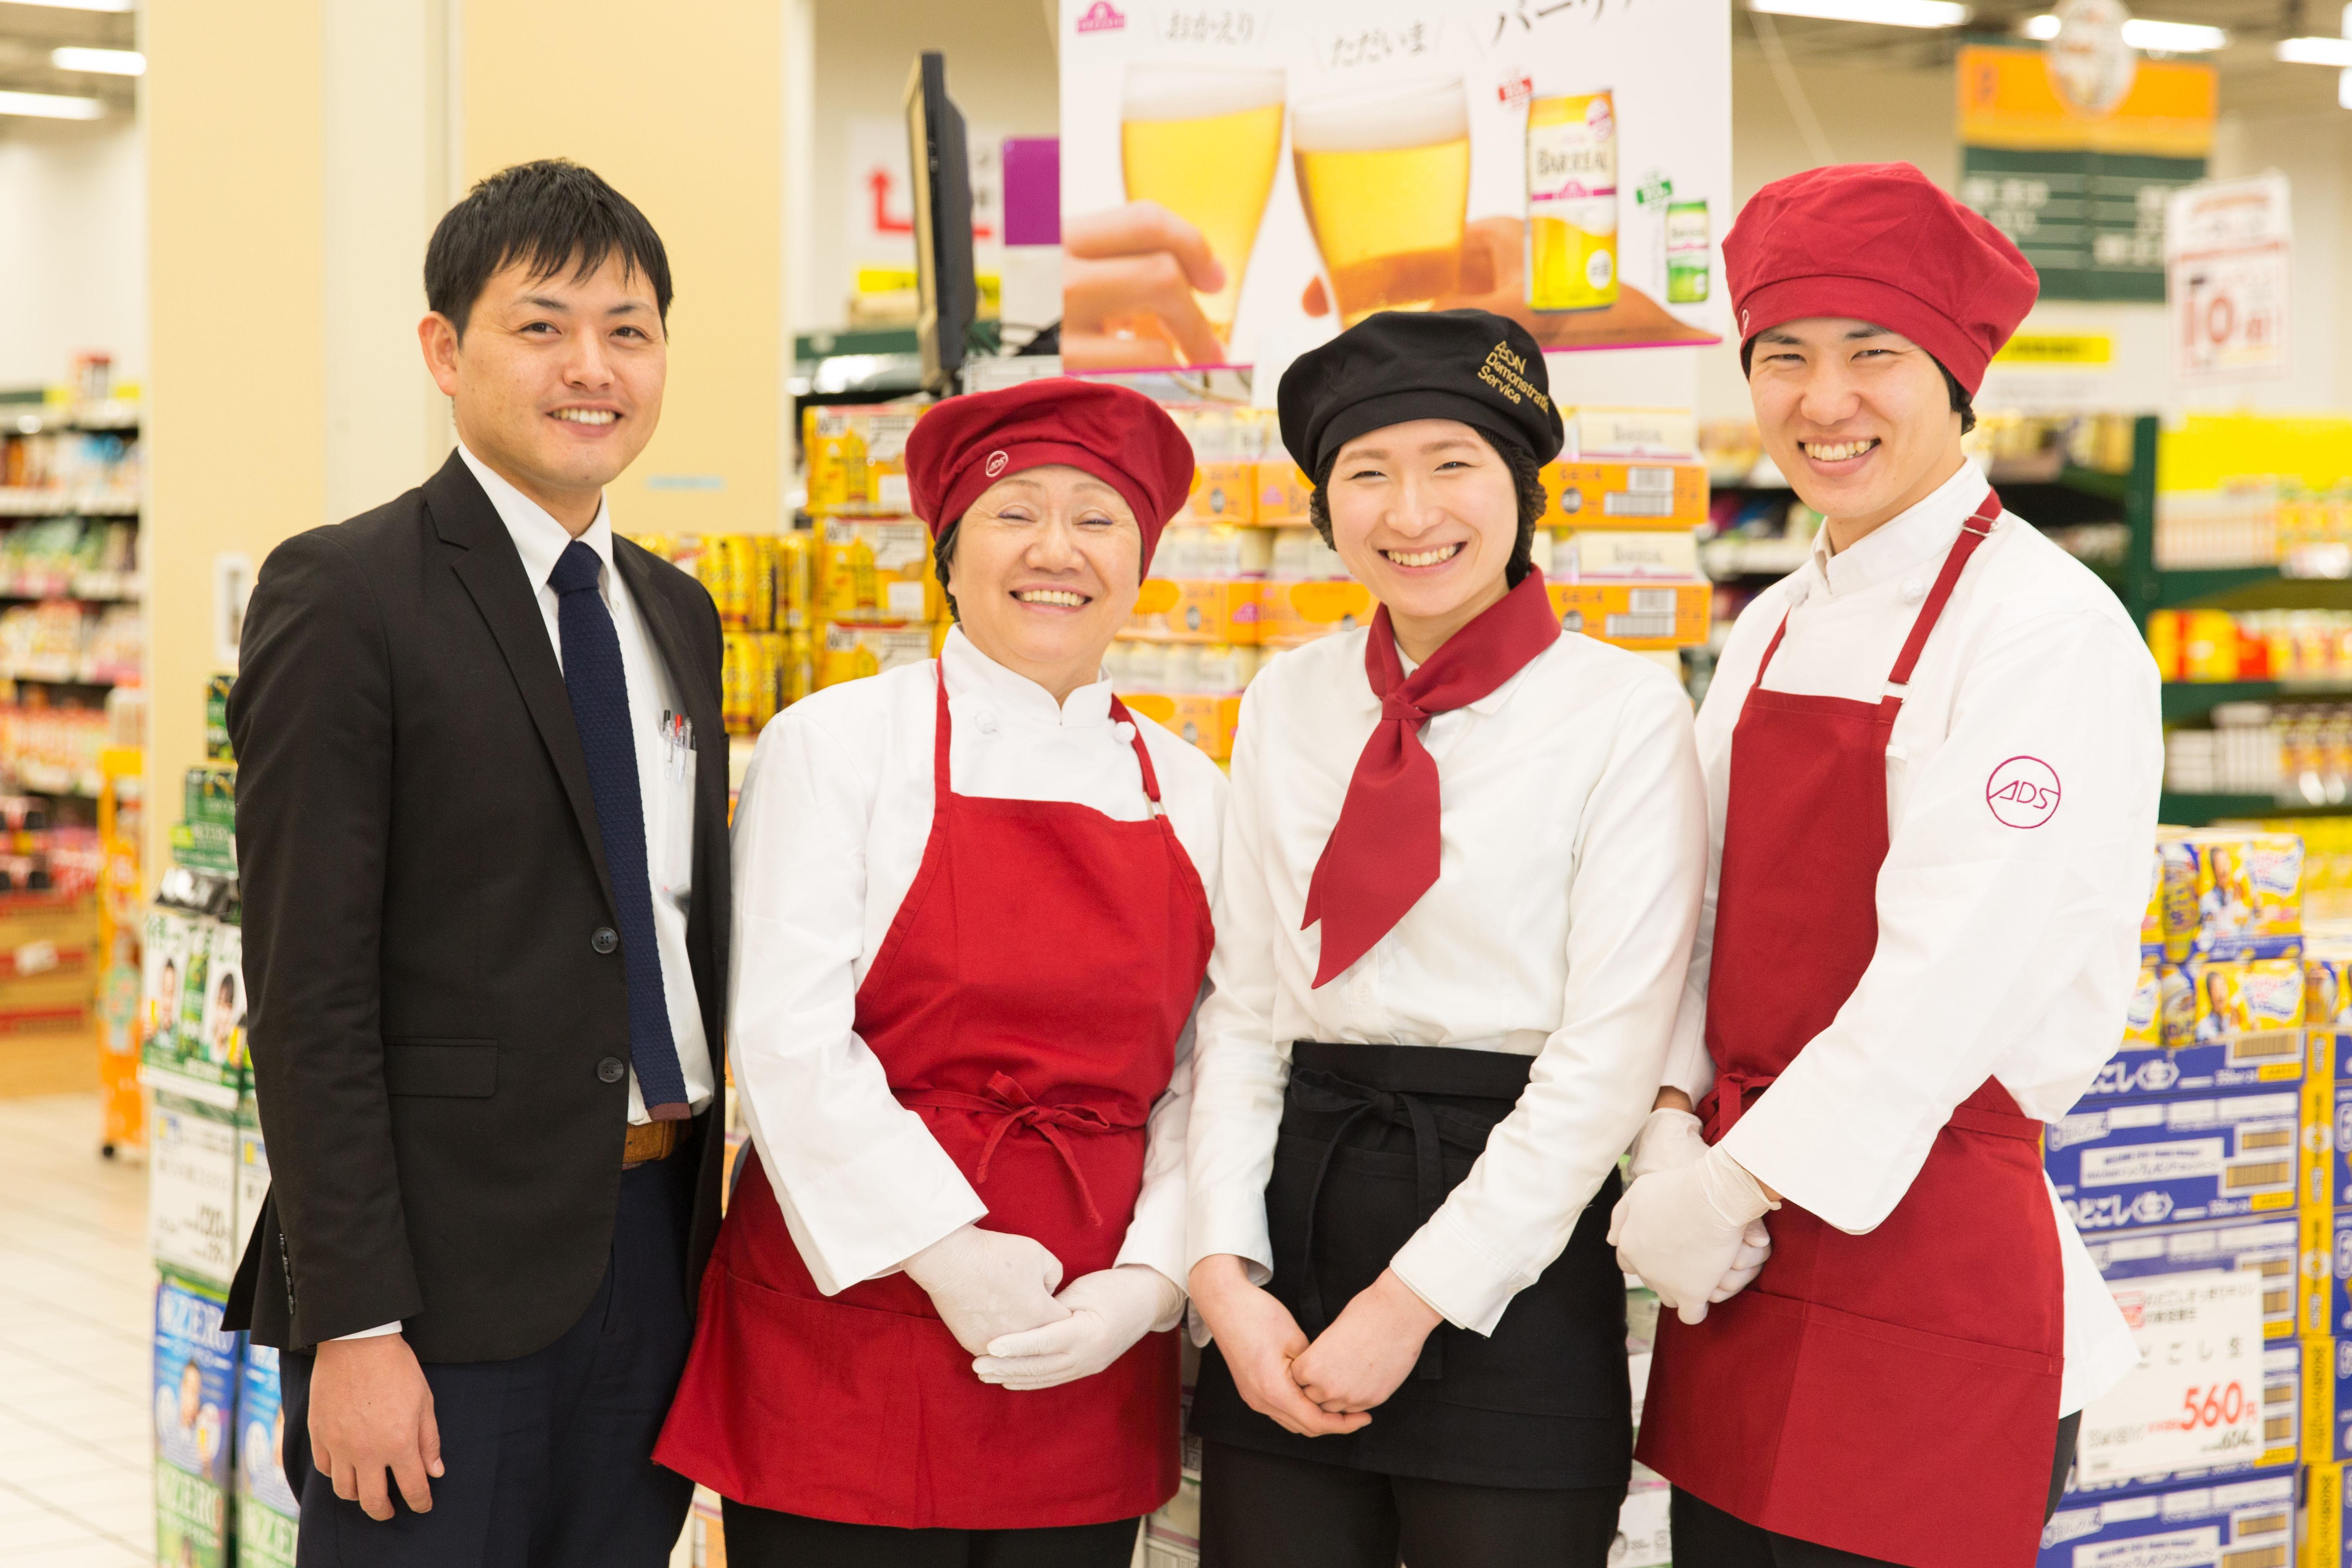 イオン 稲毛店 のアルバイト情報